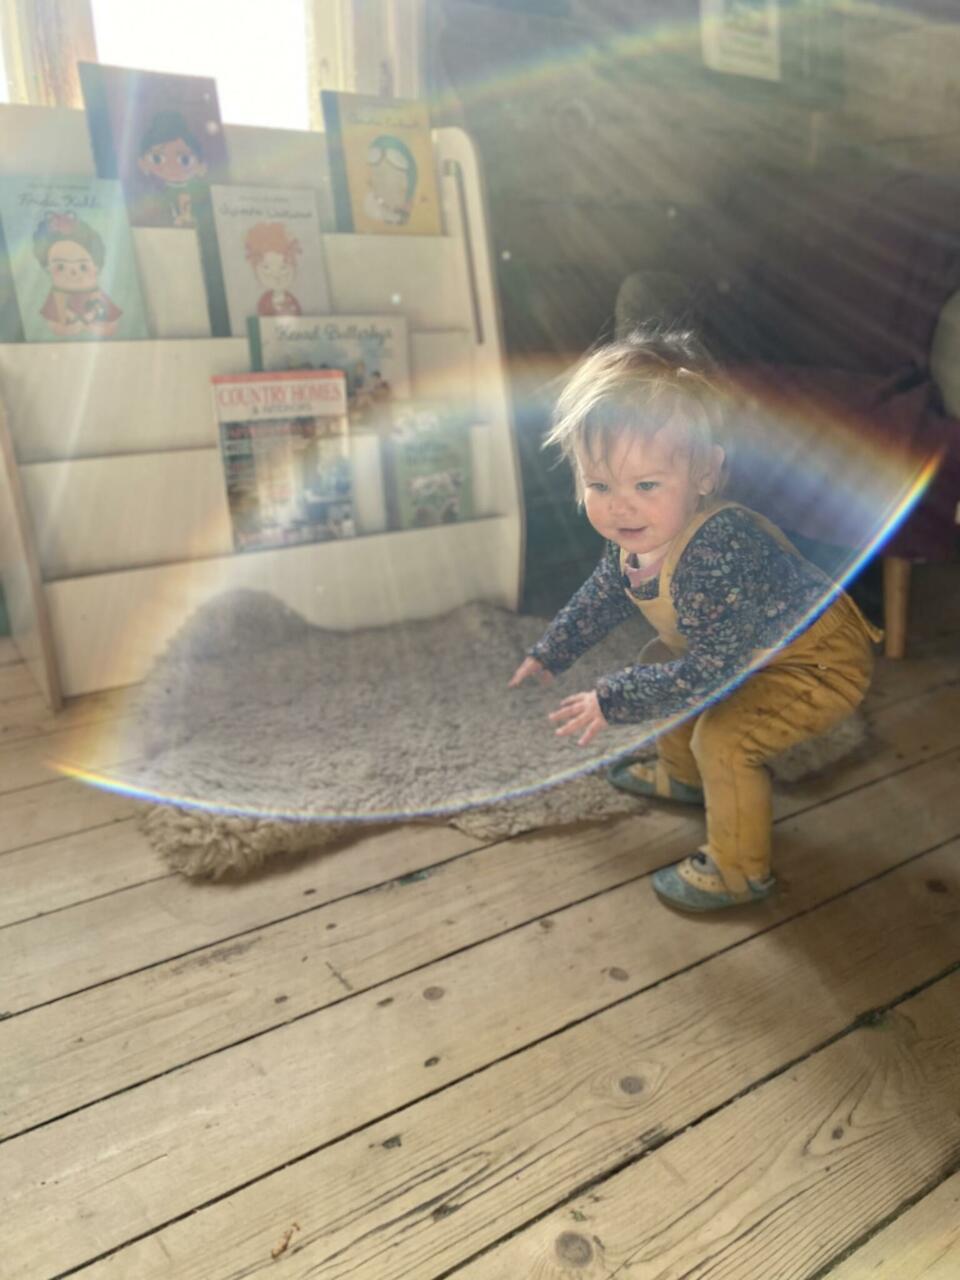 SleepyFox Kidsi traksikad esimesest lapsest, INDIkidsi riiul ja ägedad Tobiase Ja Ida raamatud, Liliputi papud esimesest lapsest...ja hommikupäike.